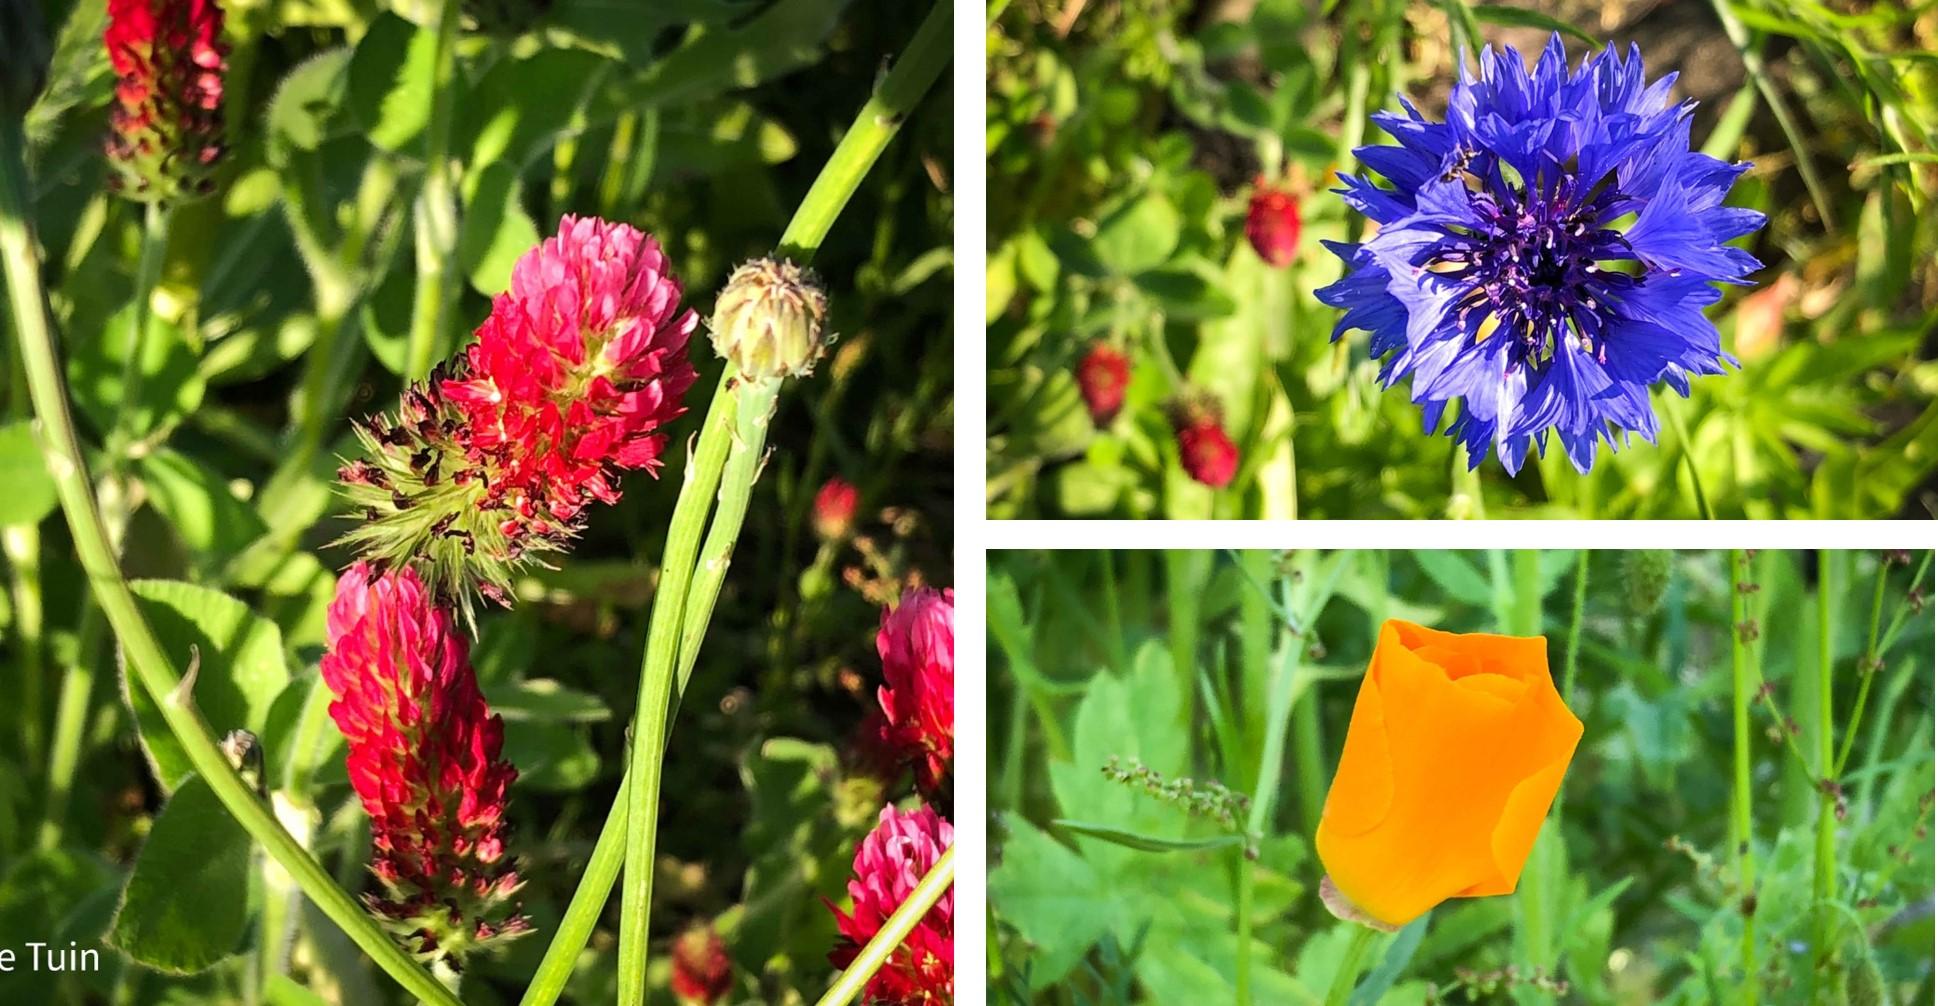 bloemen moestuin volkstuin juni klaver korenbloem